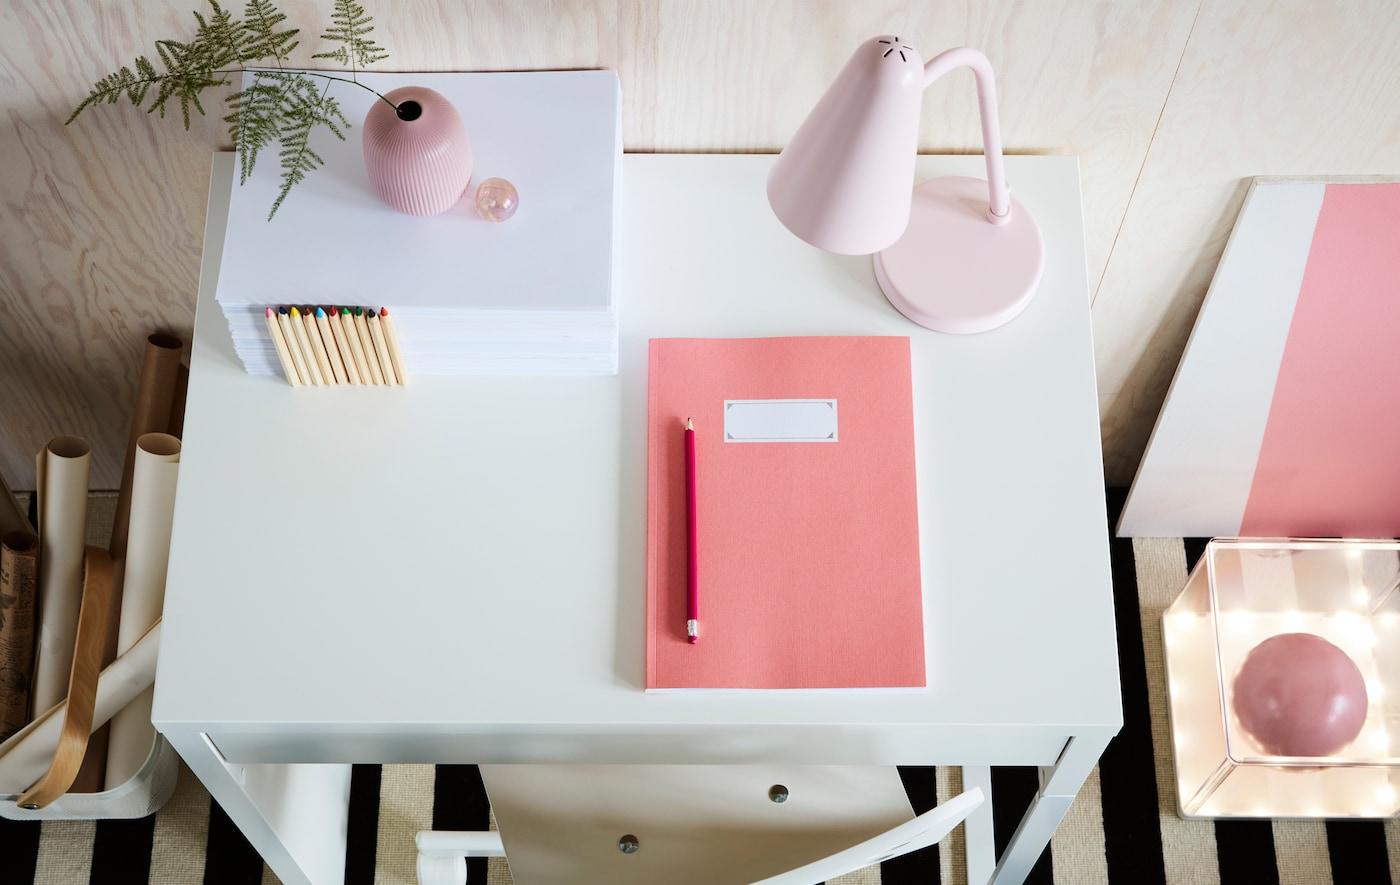 Schreibtisch Ideen Ikea 2021